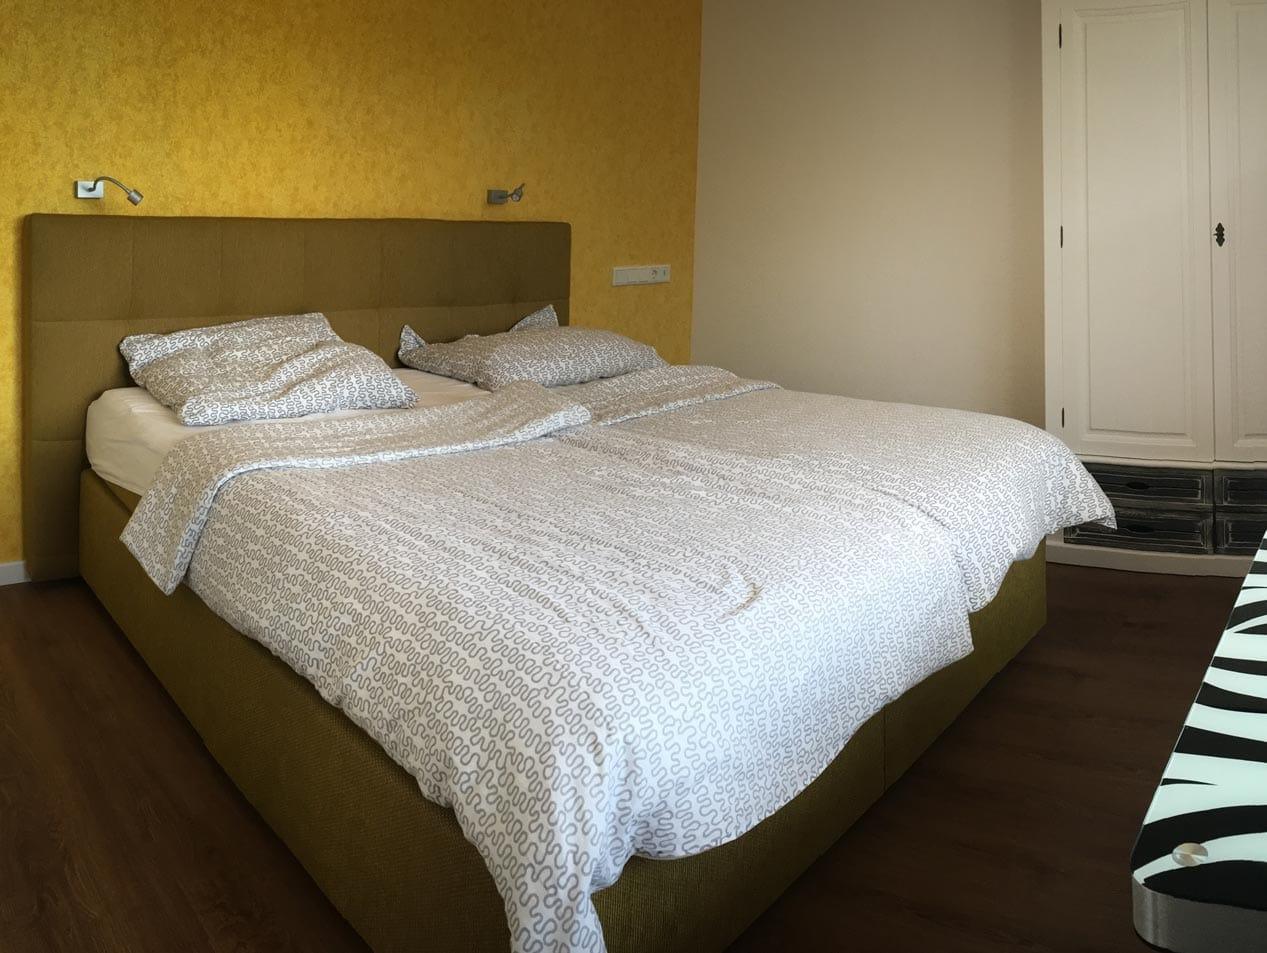 Hessischer Tennis-Verband Unterkunft - Schlafzimmer